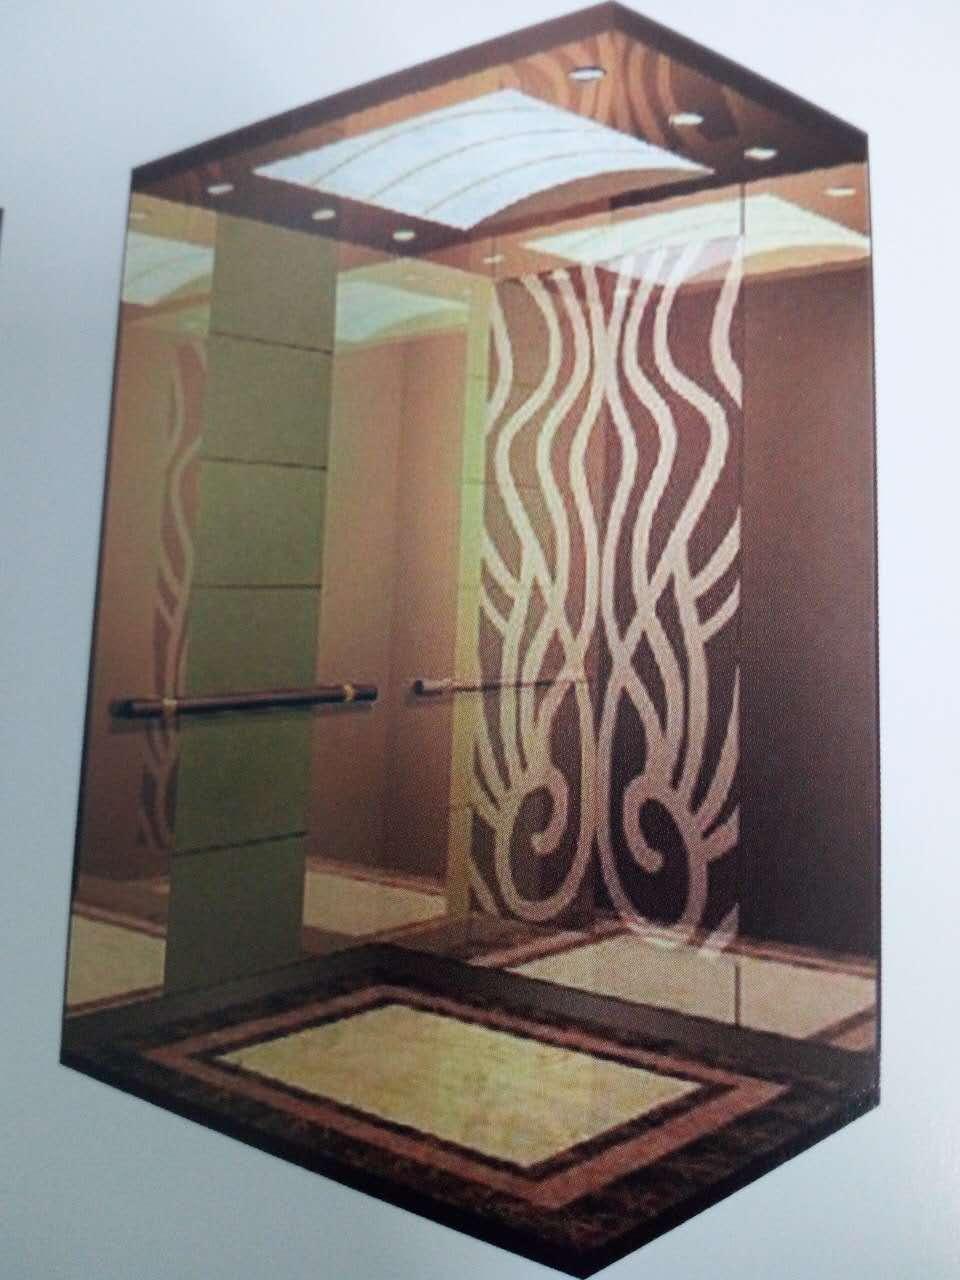 彩色不锈钢电梯装饰板 彩色不锈钢电梯门装饰板